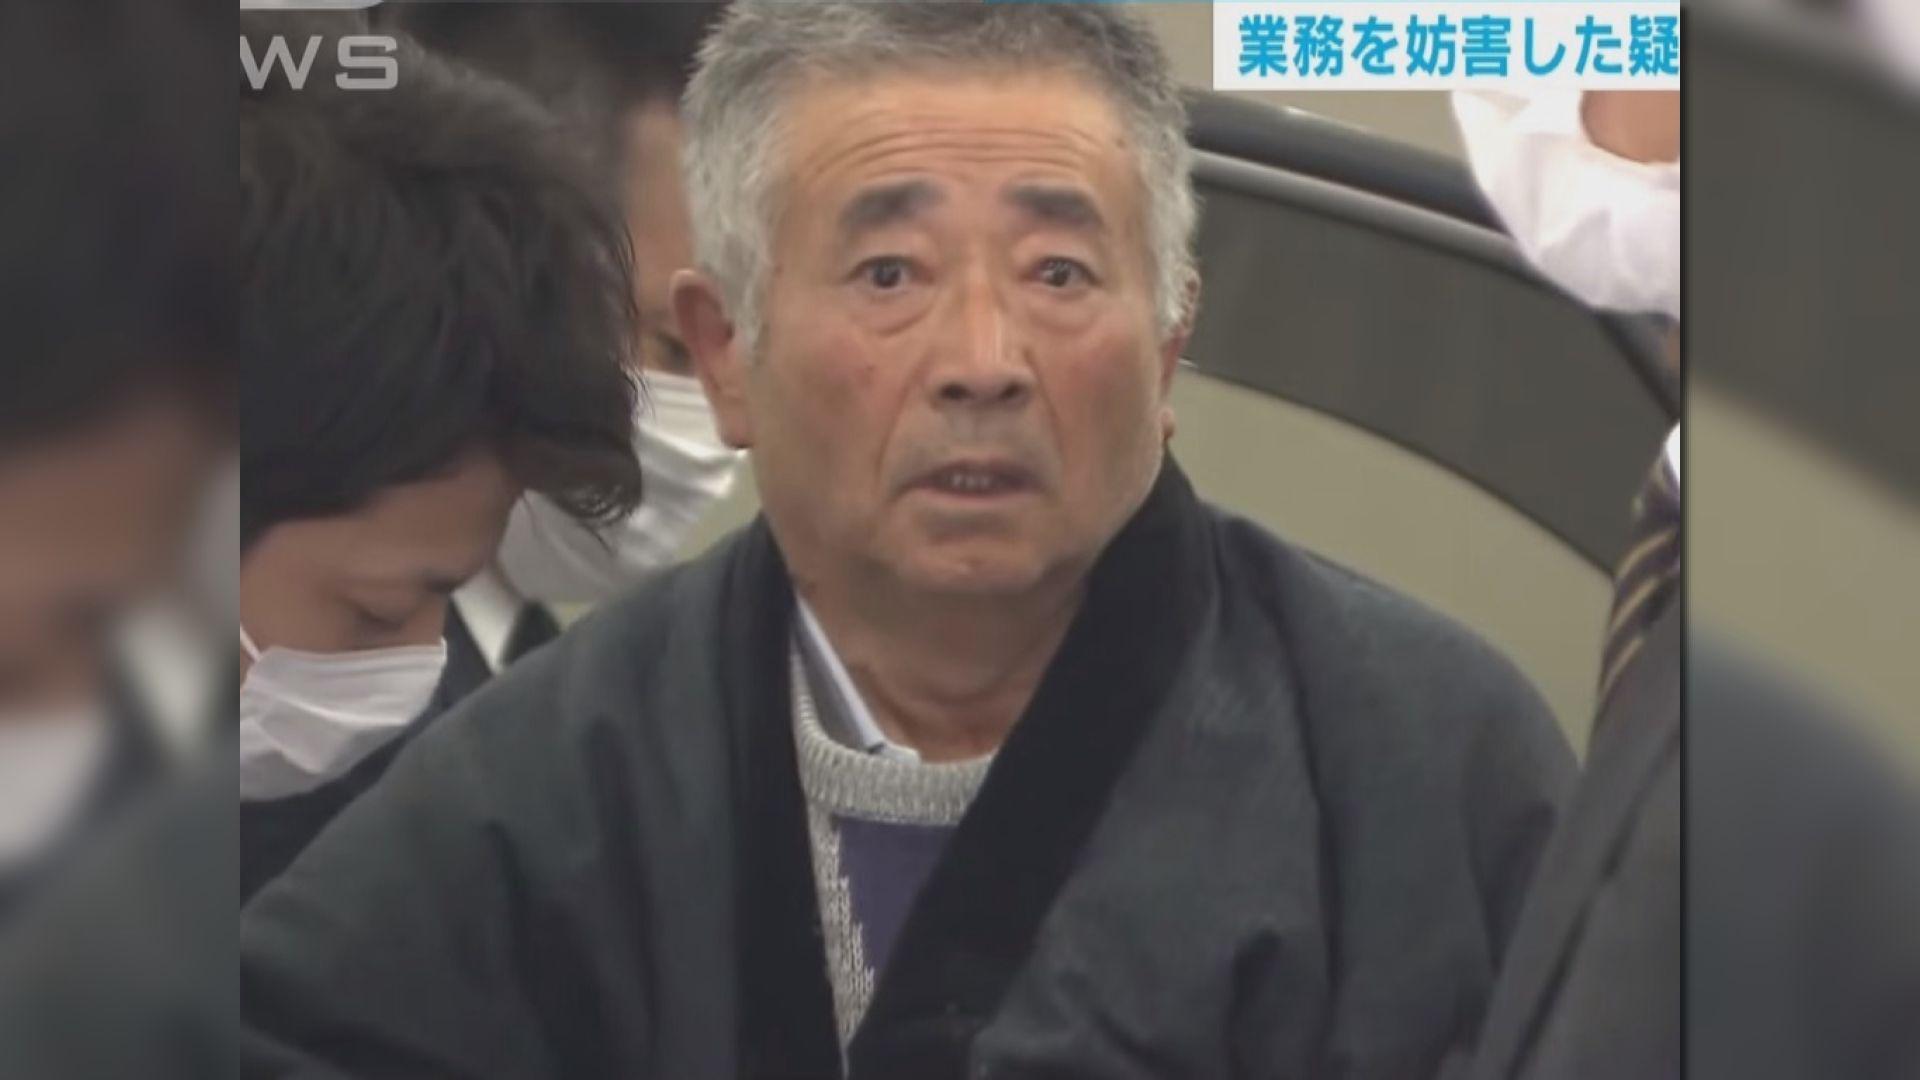 【環球薈報】日本老翁打2.4萬個投訴電話被捕